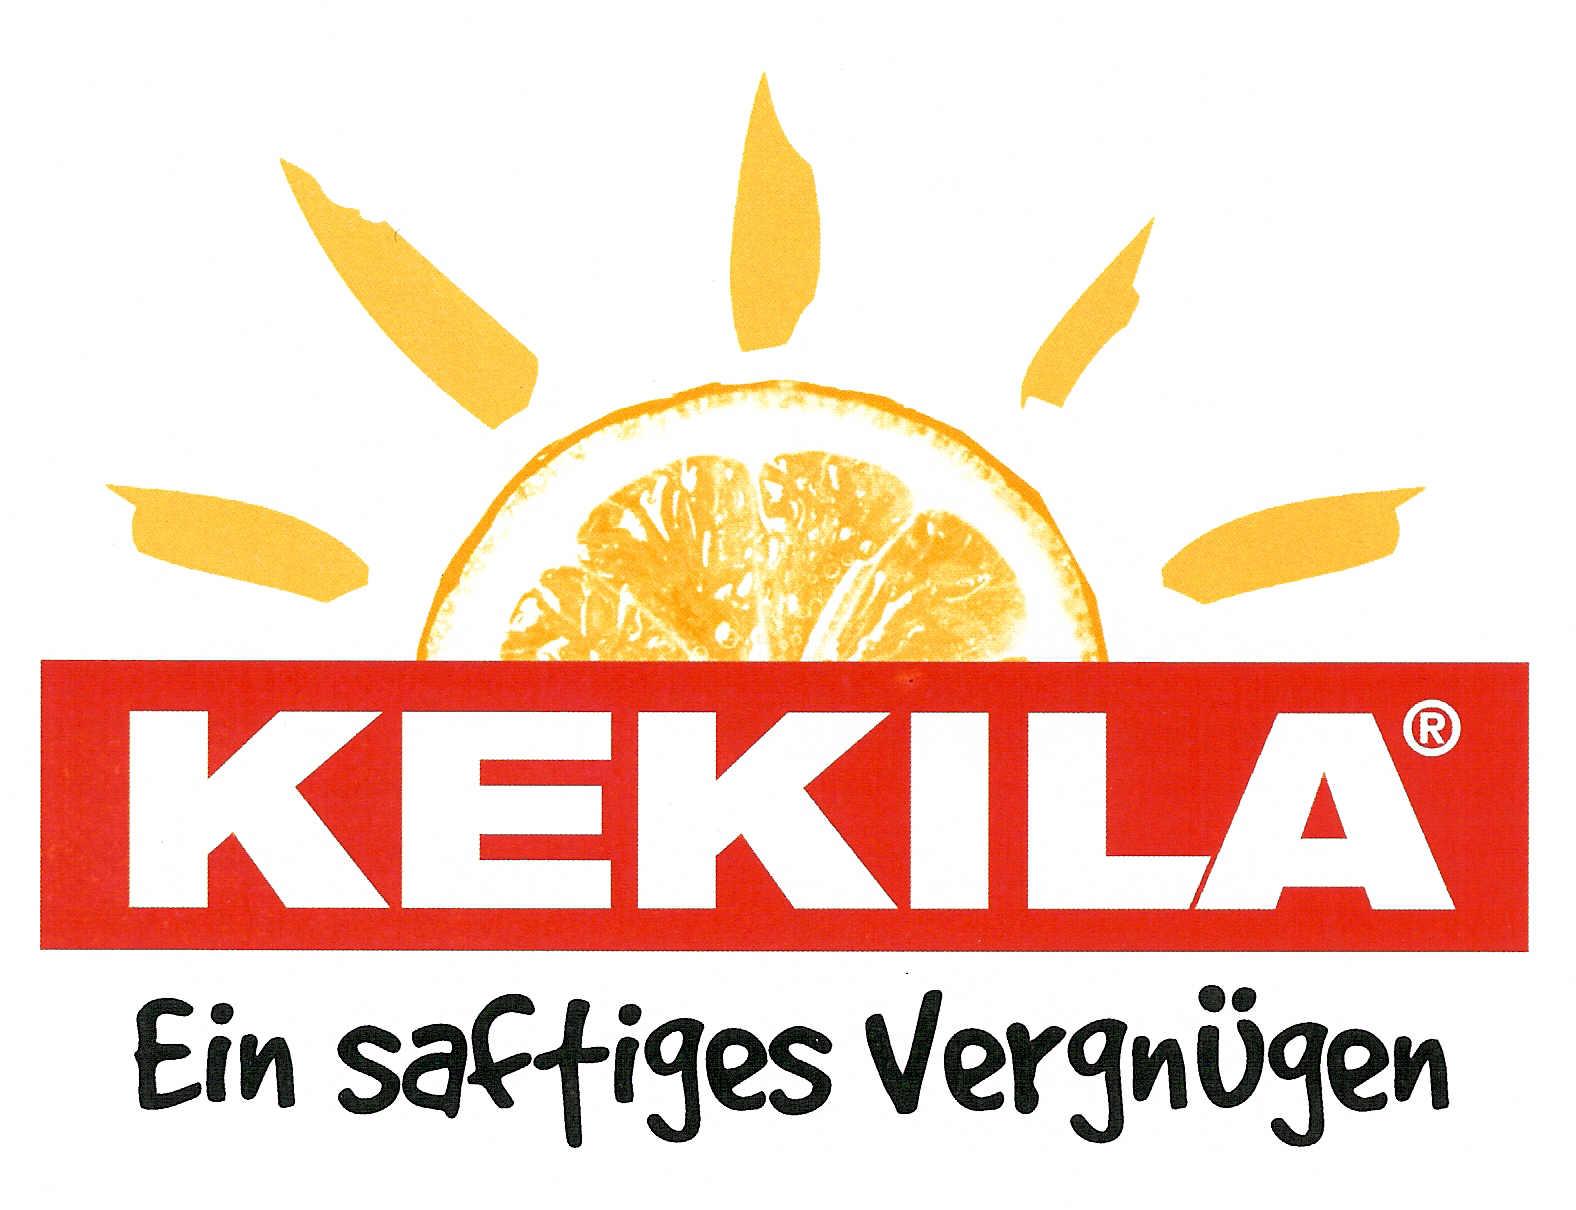 Kekila